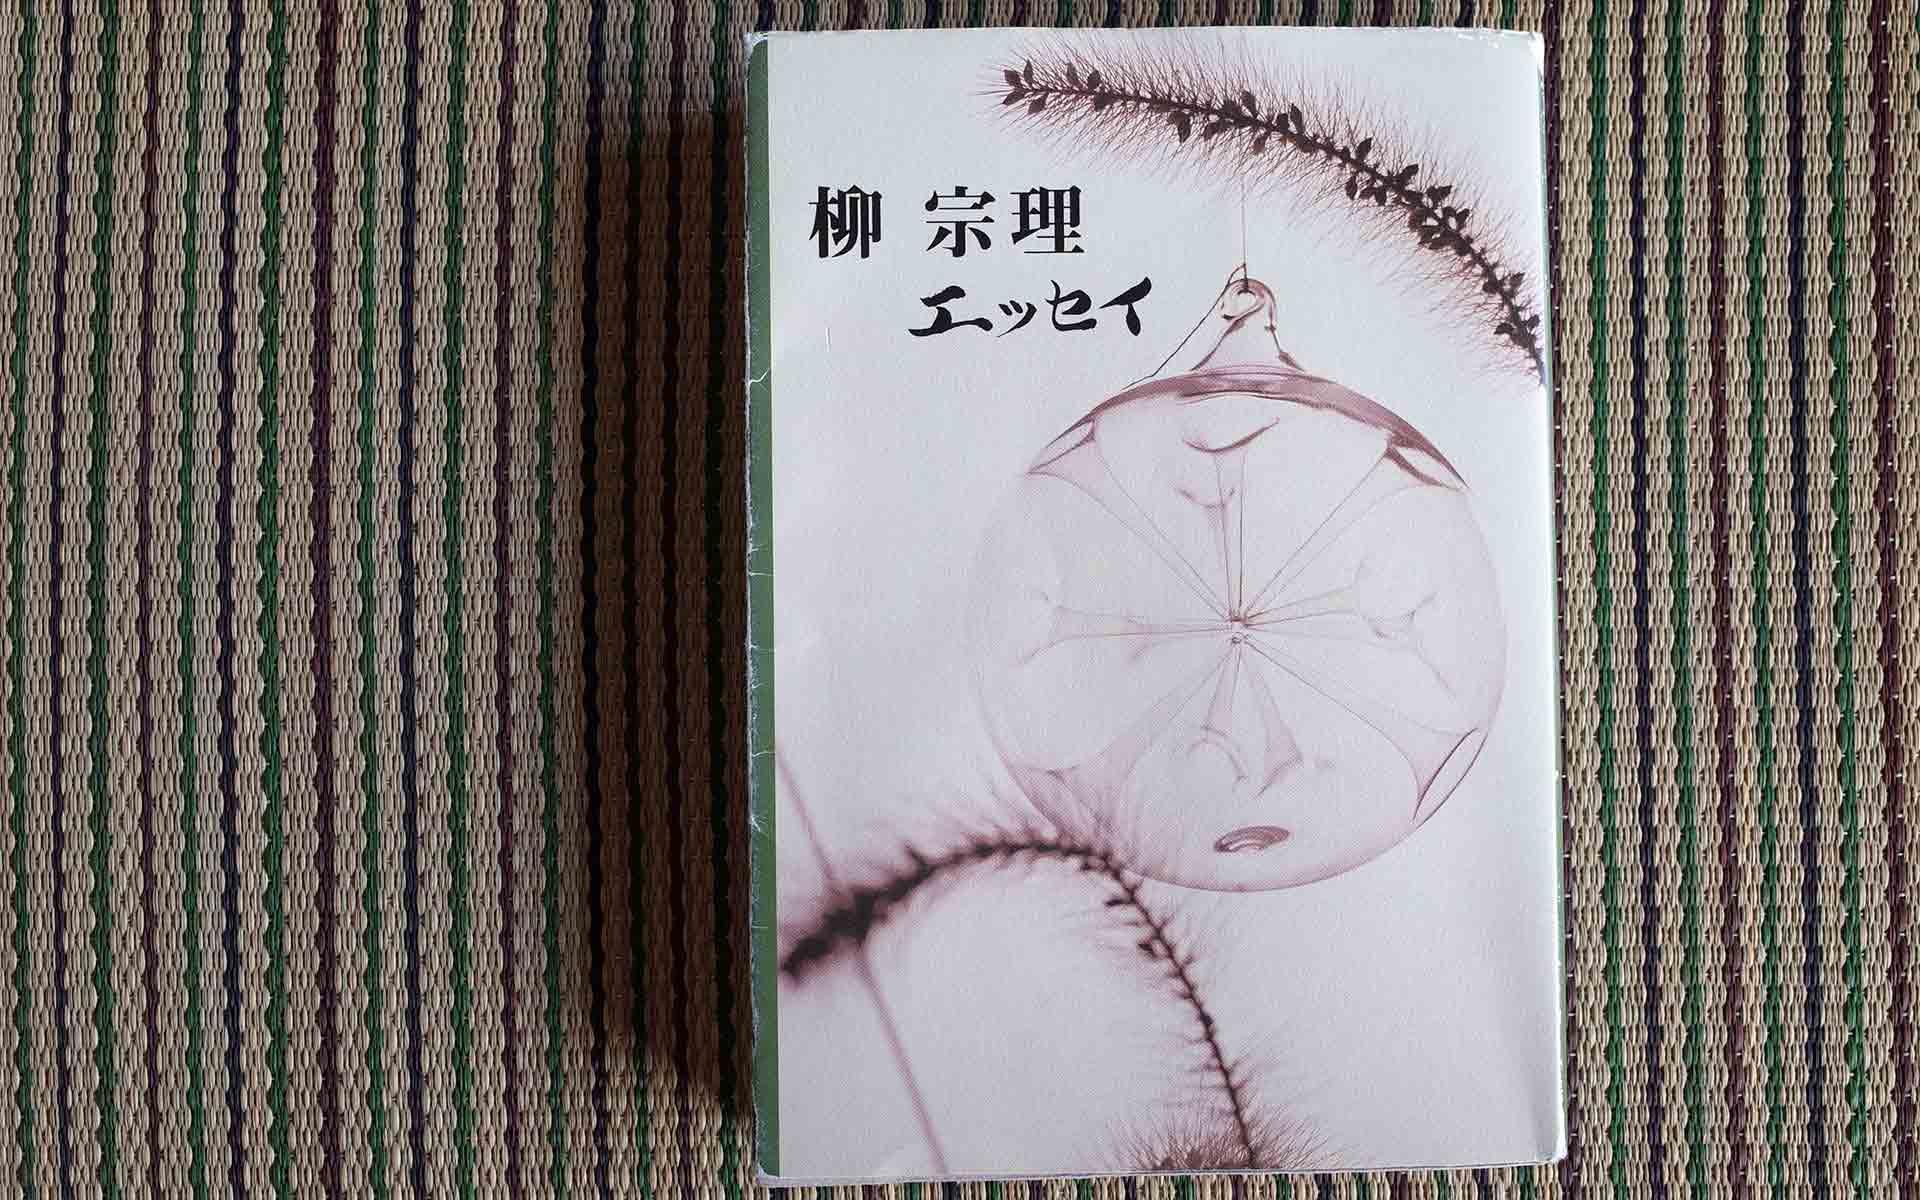 細萱久美が選ぶ、生活と工芸を知る本棚『柳宗理 エッセイ』